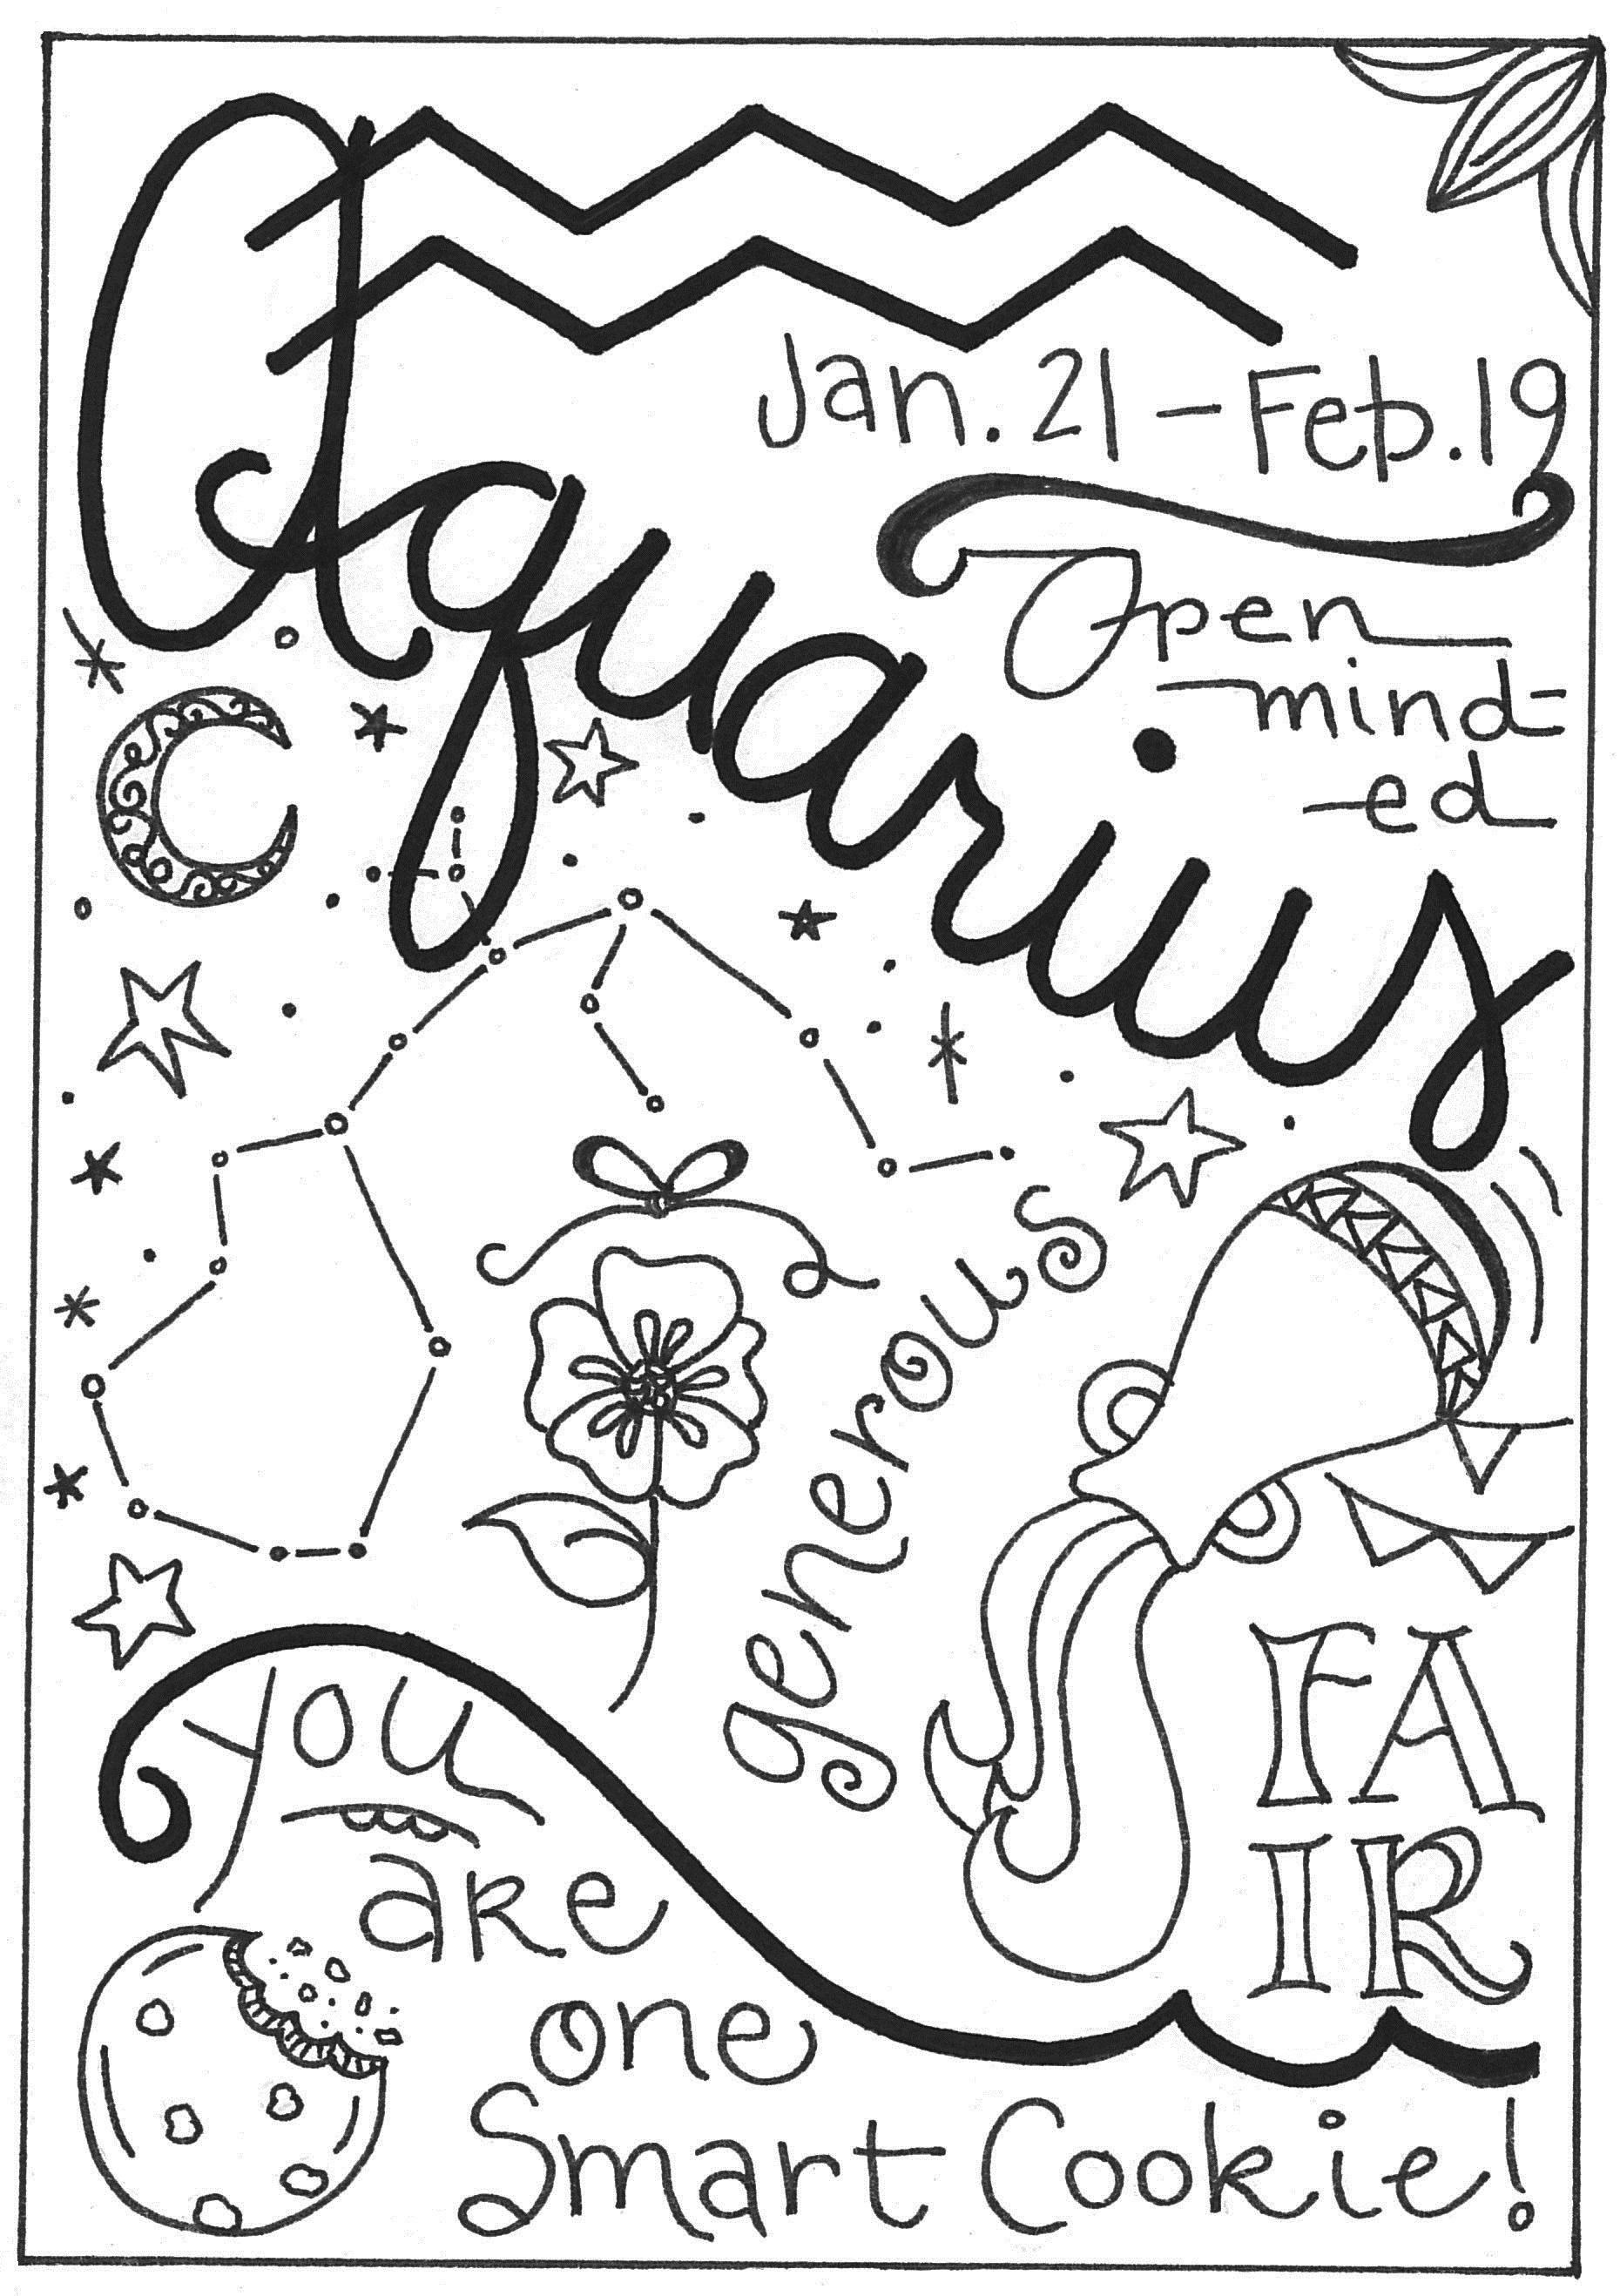 Aquarius Greeting card